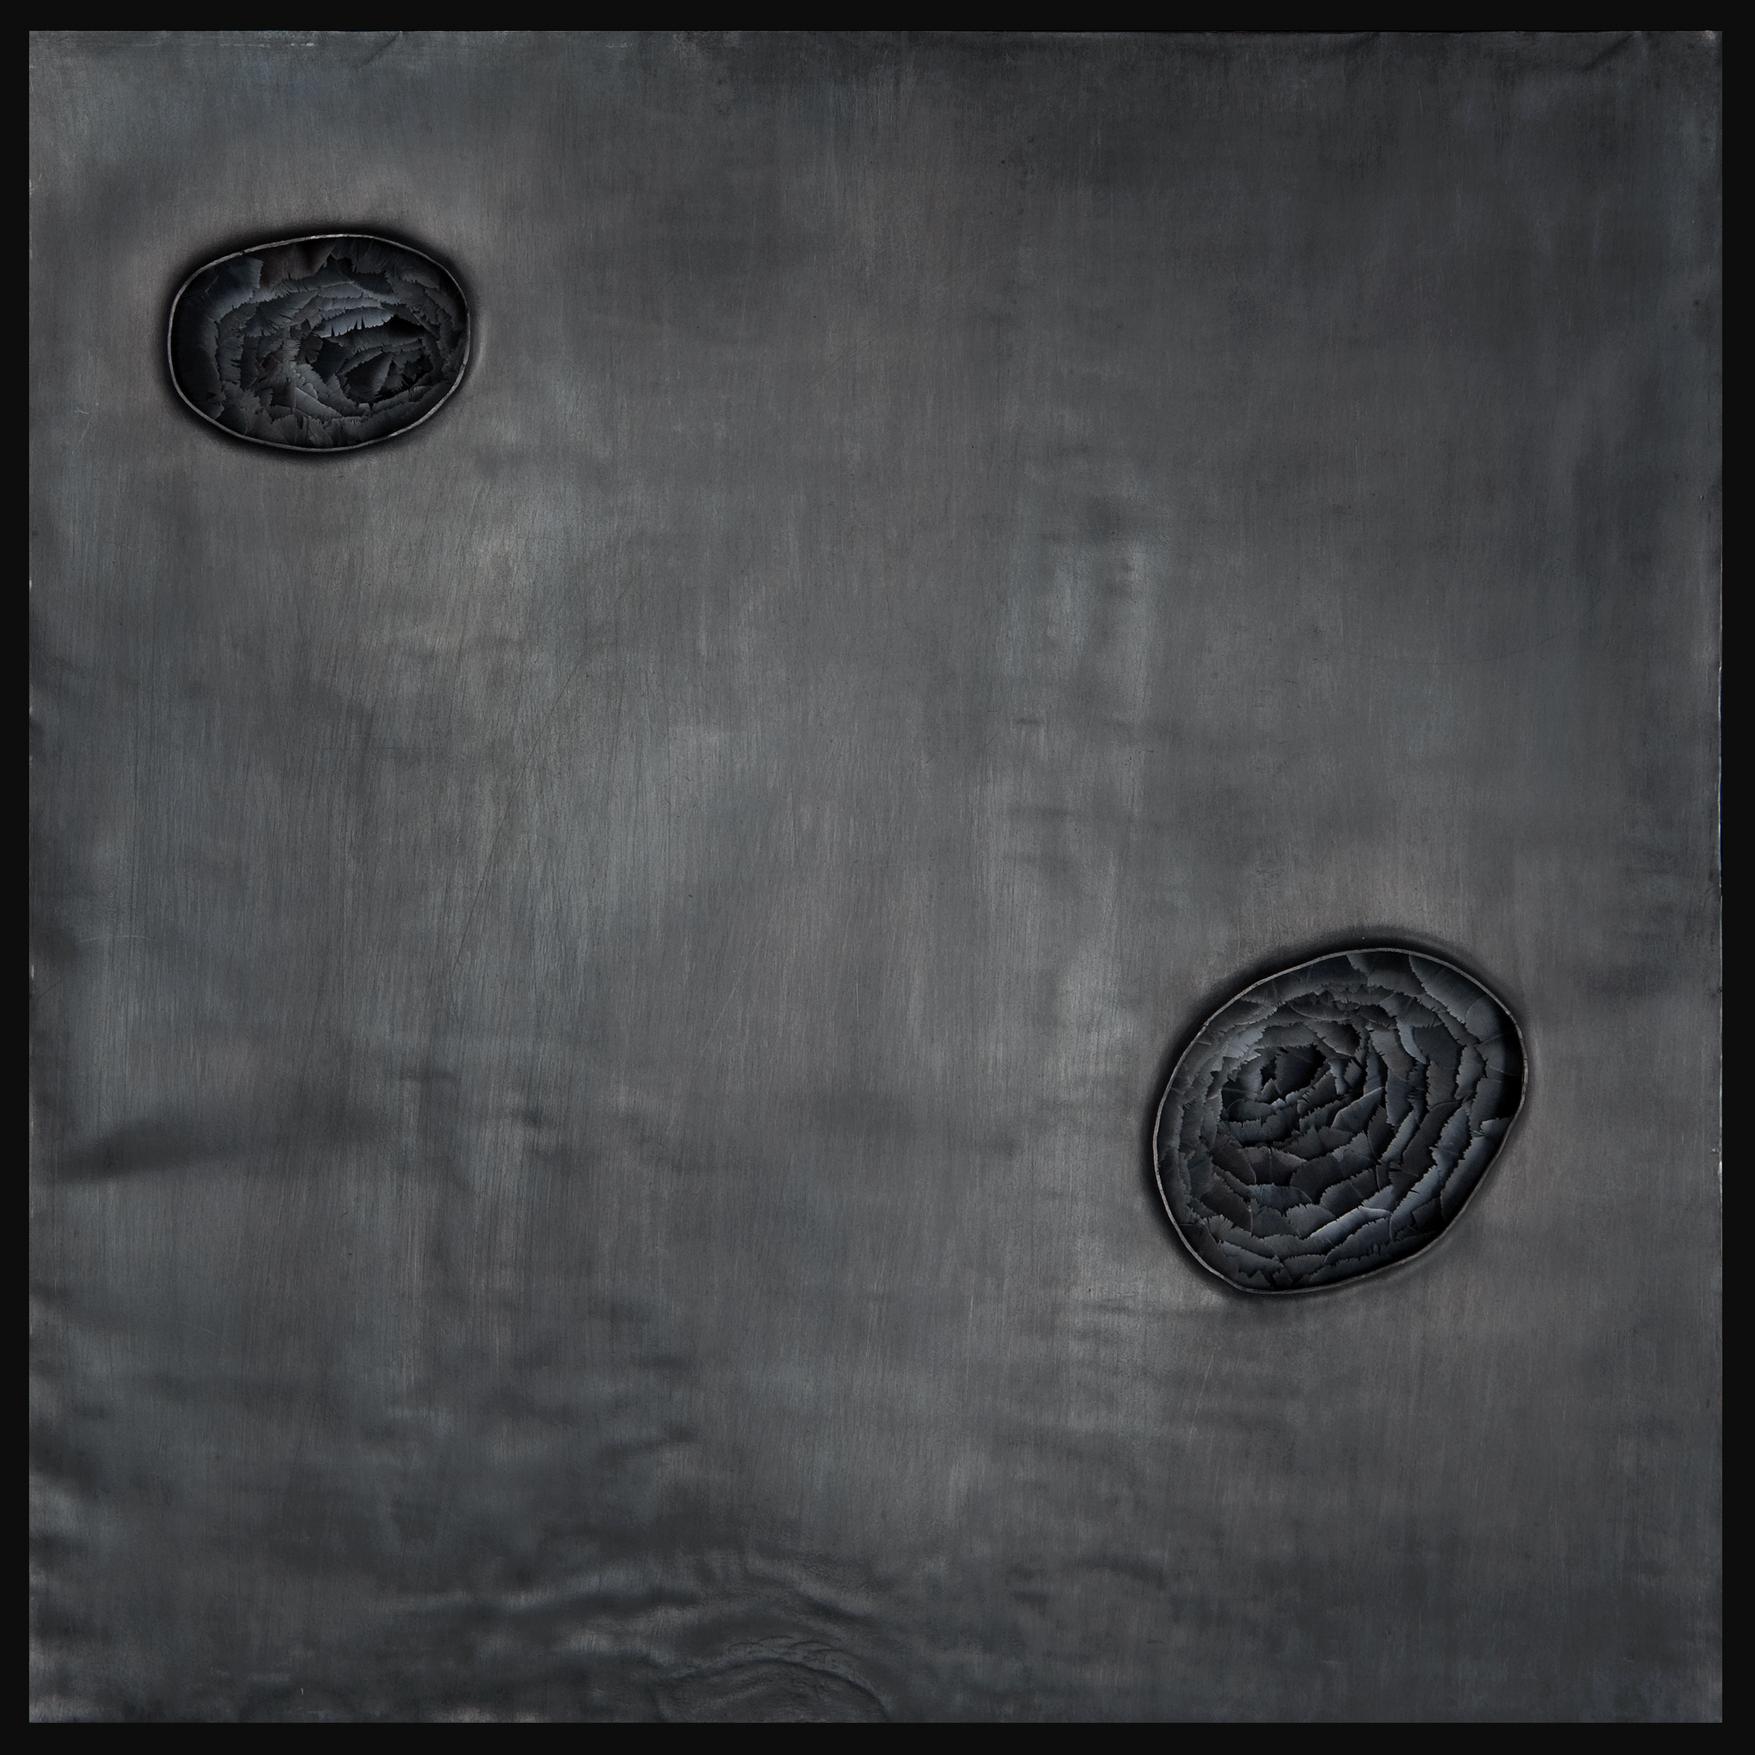 Stigma II, 2011, Kate MccGwire